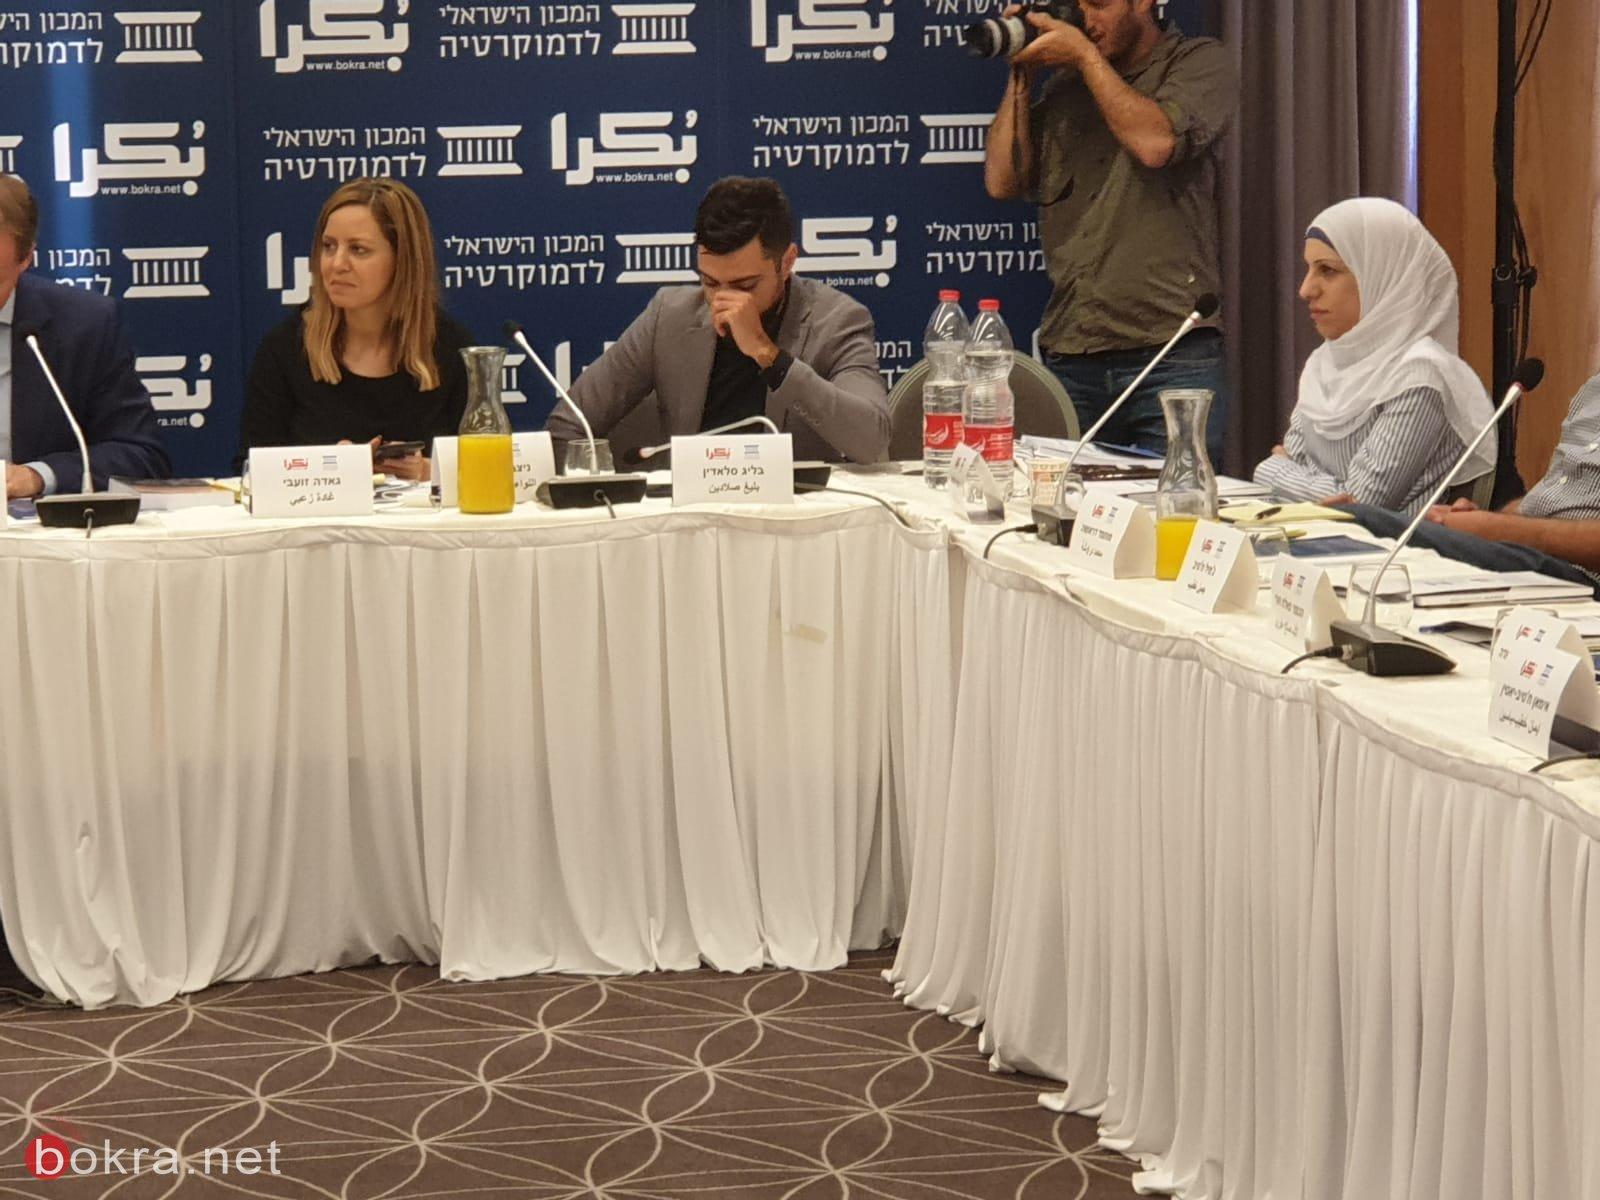 العنف في المجتمع العربي، أسبابه، والحلول لمكافحته؟ .. يوم دراسي في الناصرة-70